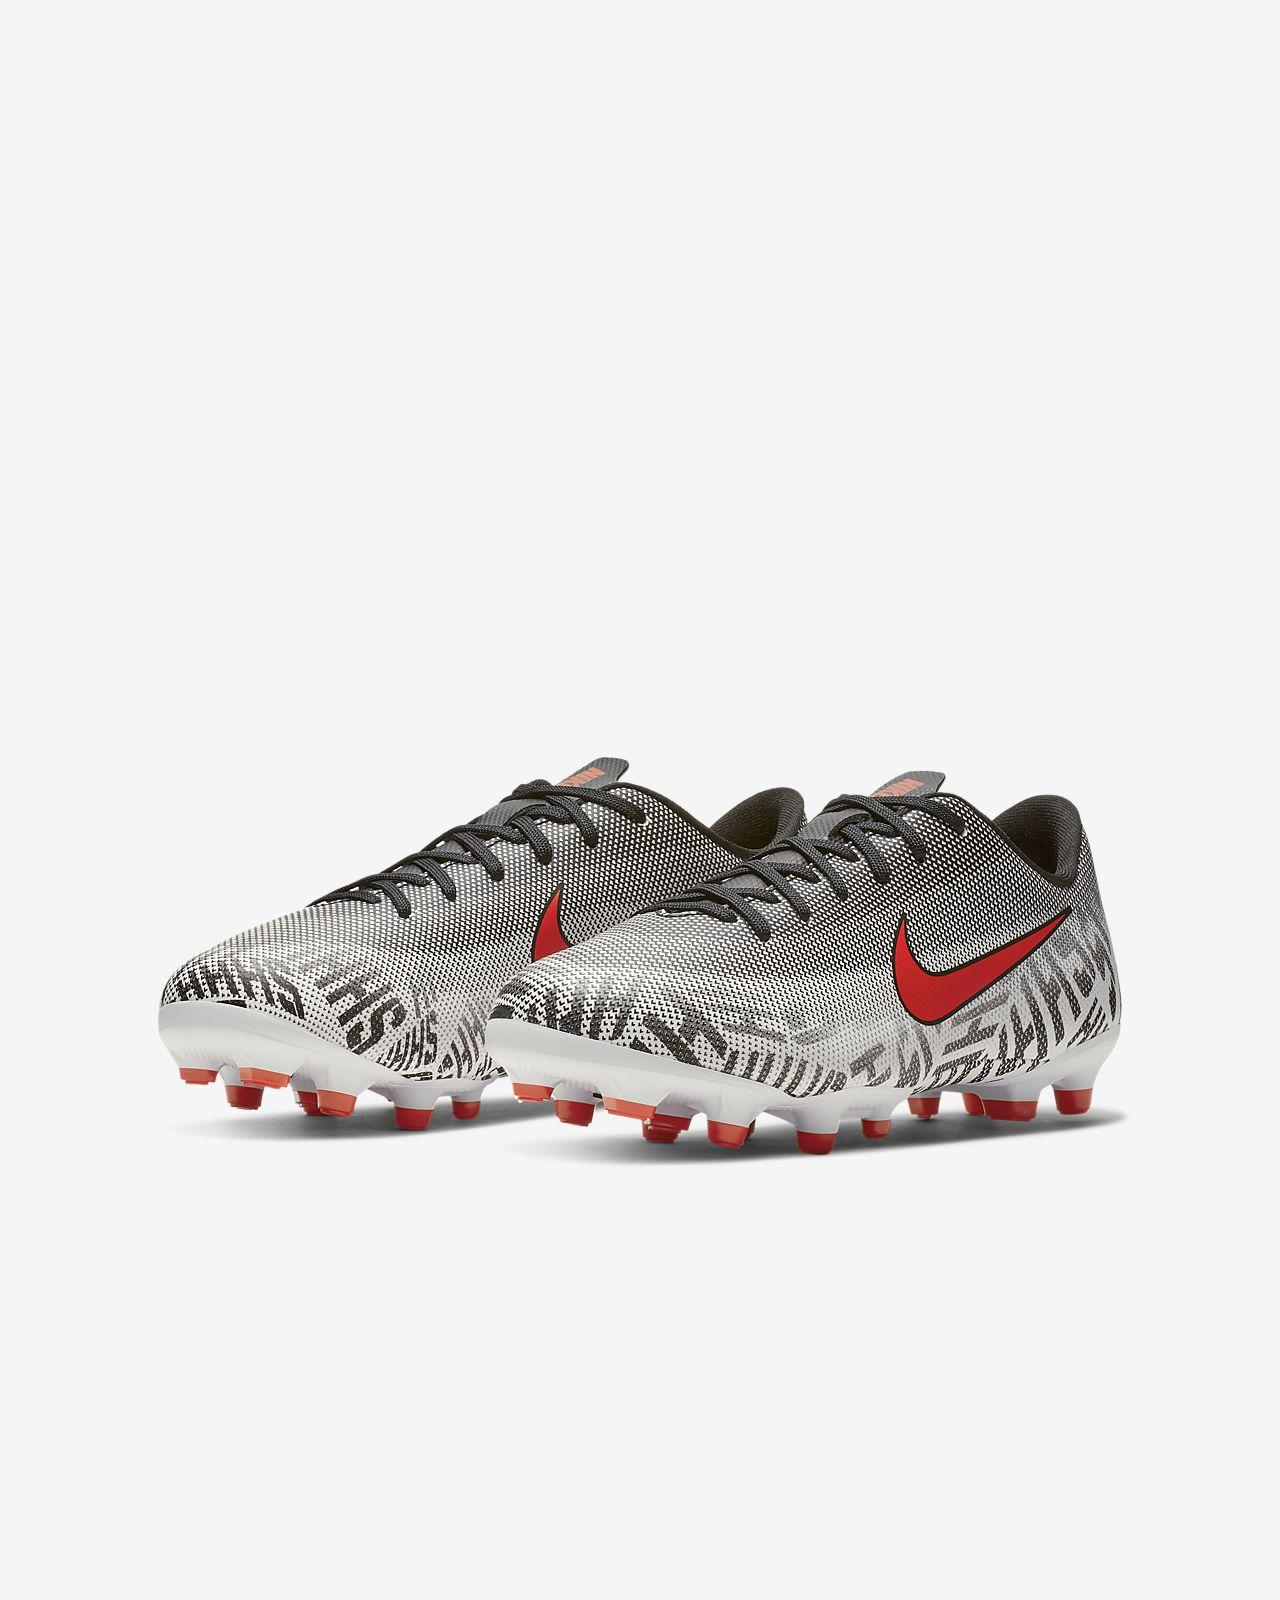 online store a05c5 ef922 ... Fotbollssko för varierande underlag Nike Jr. Mercurial Vapor XII  Academy Neymar Jr för barn